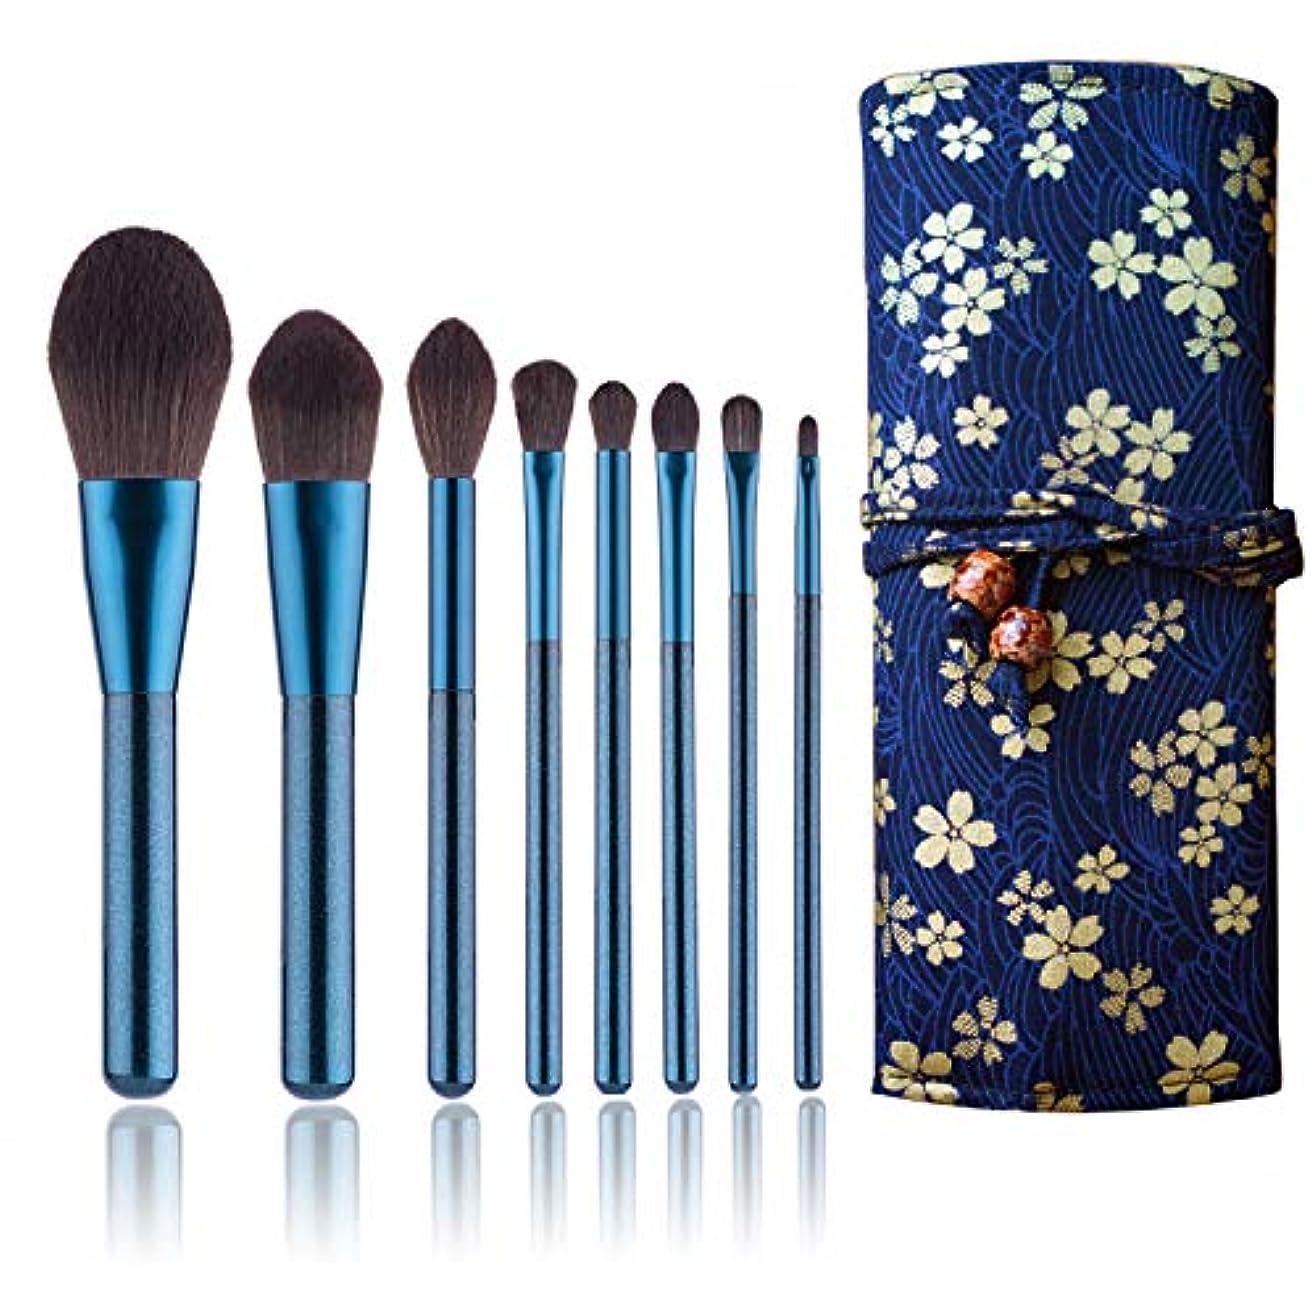 並外れてバランスのとれた南方のZOE·Y メイクブラシ 8本セット 化粧ブラシ 柔らかい 化粧筆 可愛い 化粧ポーチ付き 携帯便利 誕生日プレゼントゃギフトにもおすすめ makeup brushes